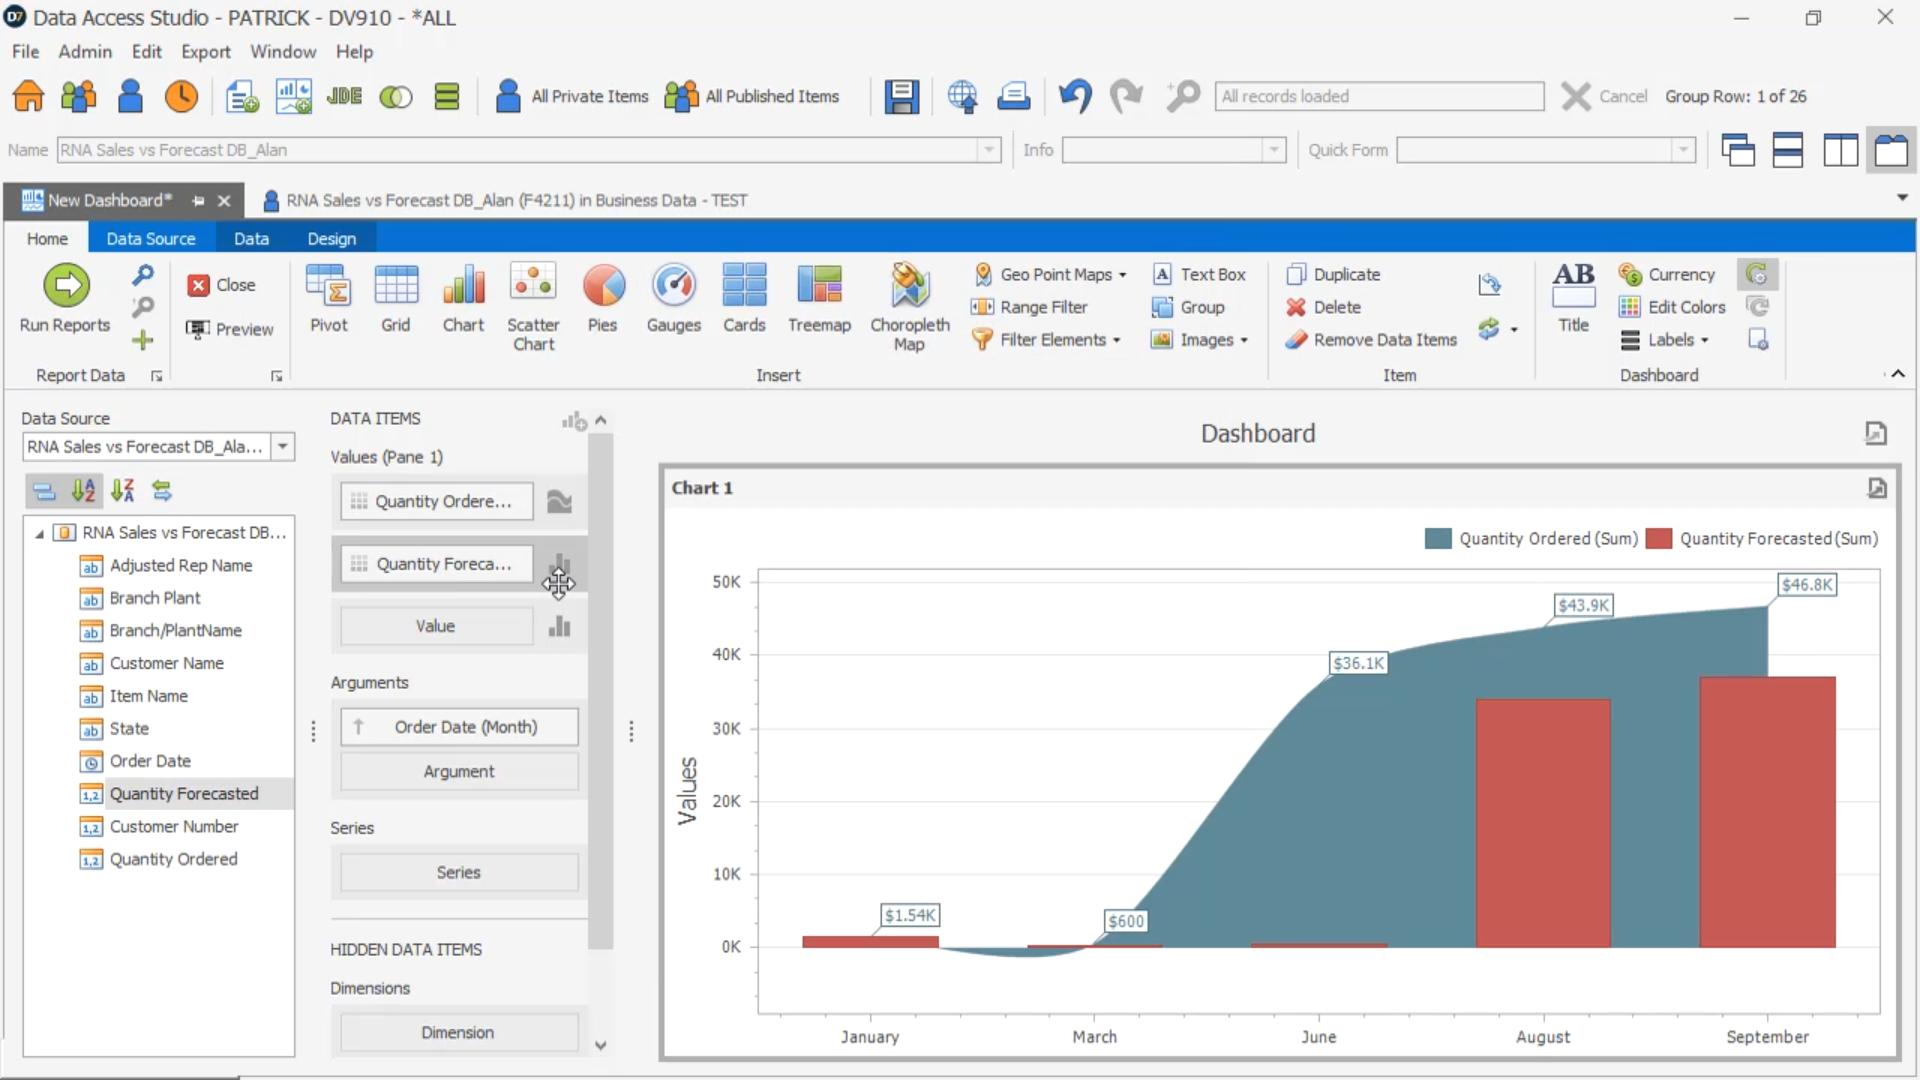 Редактирование диаграммы для принятия решений в аналитической системе Data Access Studio (DAS8)